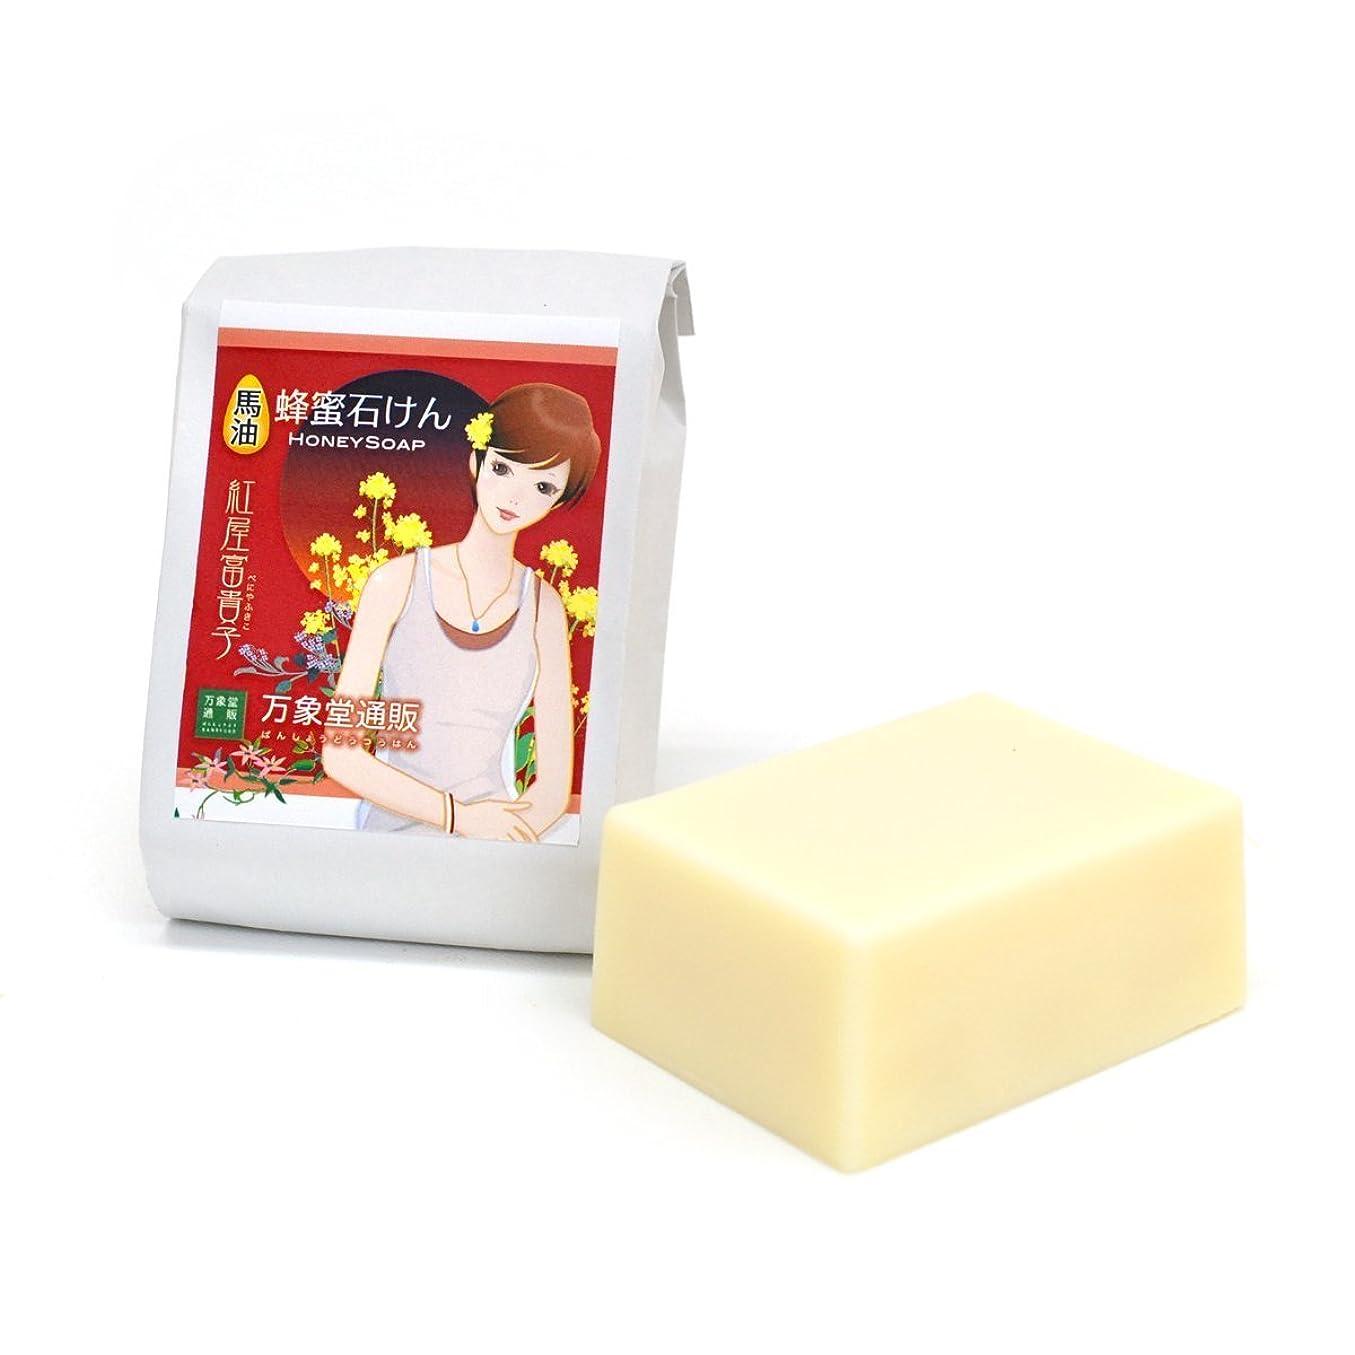 野ウサギごめんなさいドーム森羅万象堂 馬油石鹸 90g(国産)熊本県産 国産蜂蜜配合